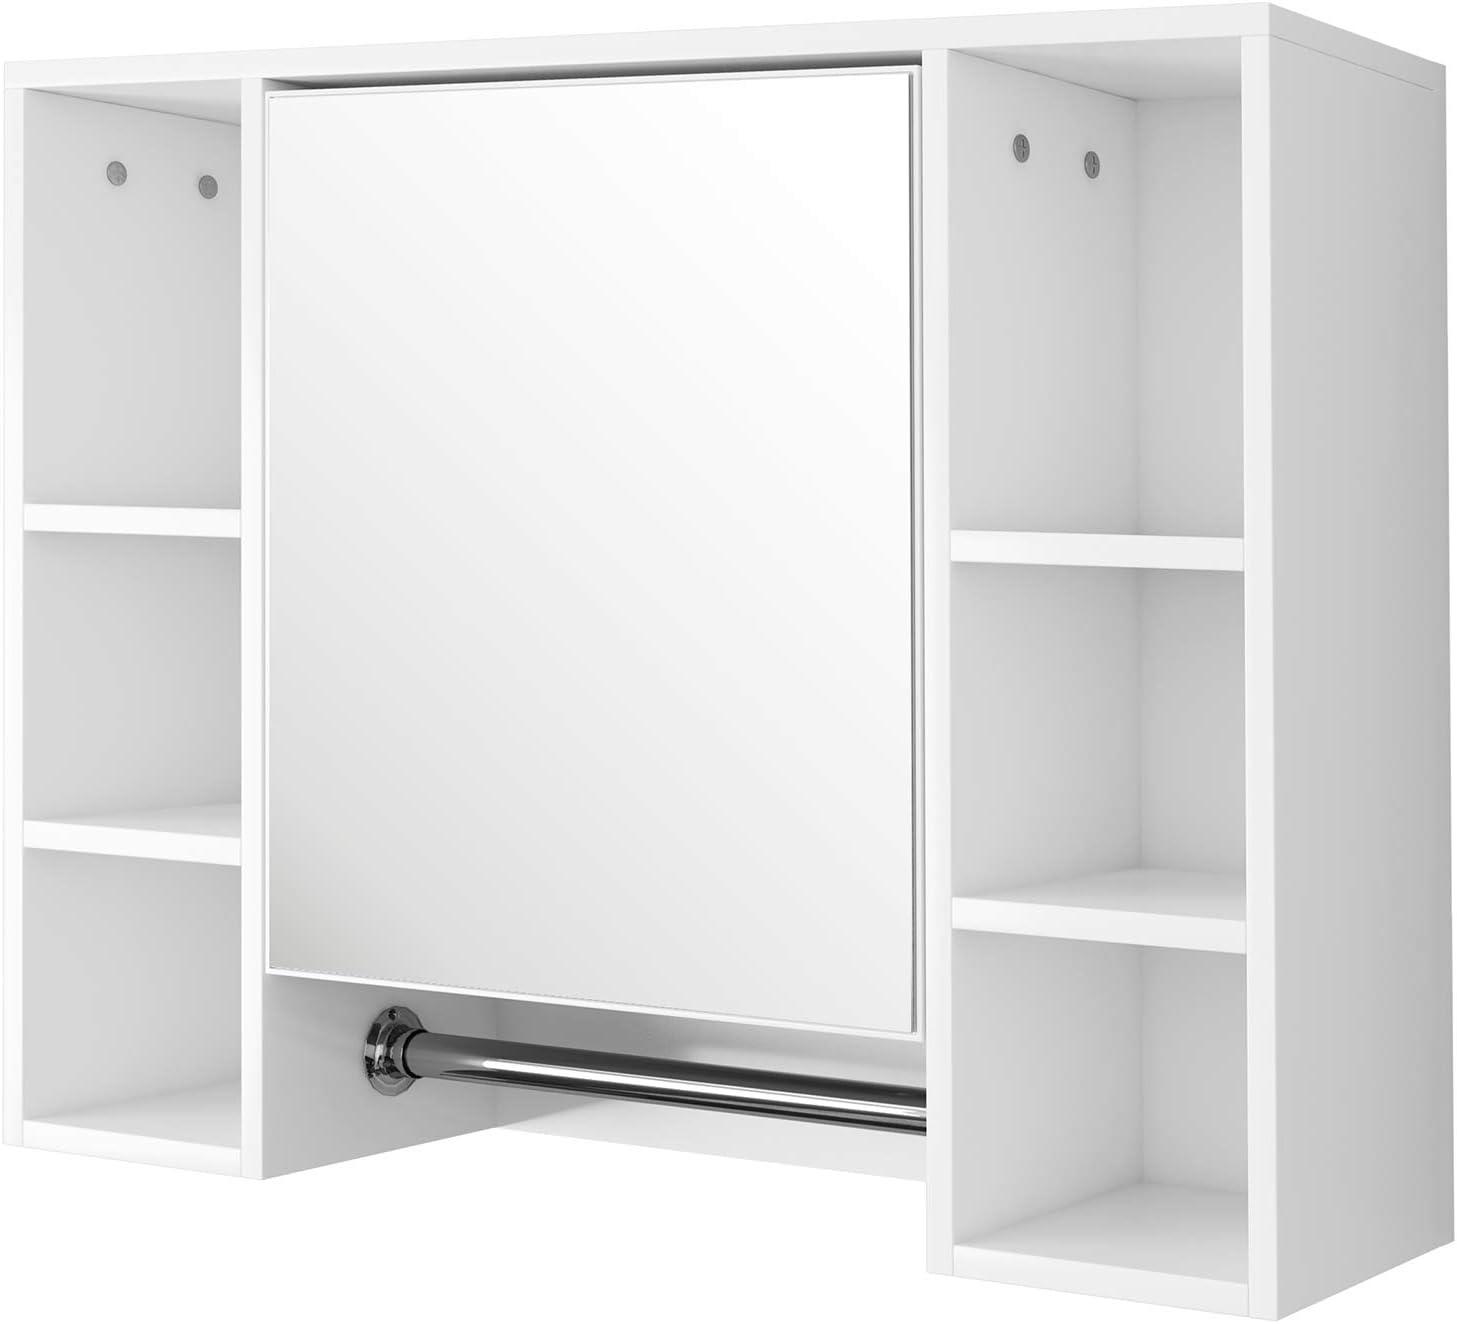 EUGAD Armarios con Espejo para Baño Cocina Mueble Espejo para Baño Mueble de Pared de baño Espejo con Estante Mueble Joyero de Madera con 8 Estantes Blanco 80x20x60cm 0131WY: Amazon.es: Hogar